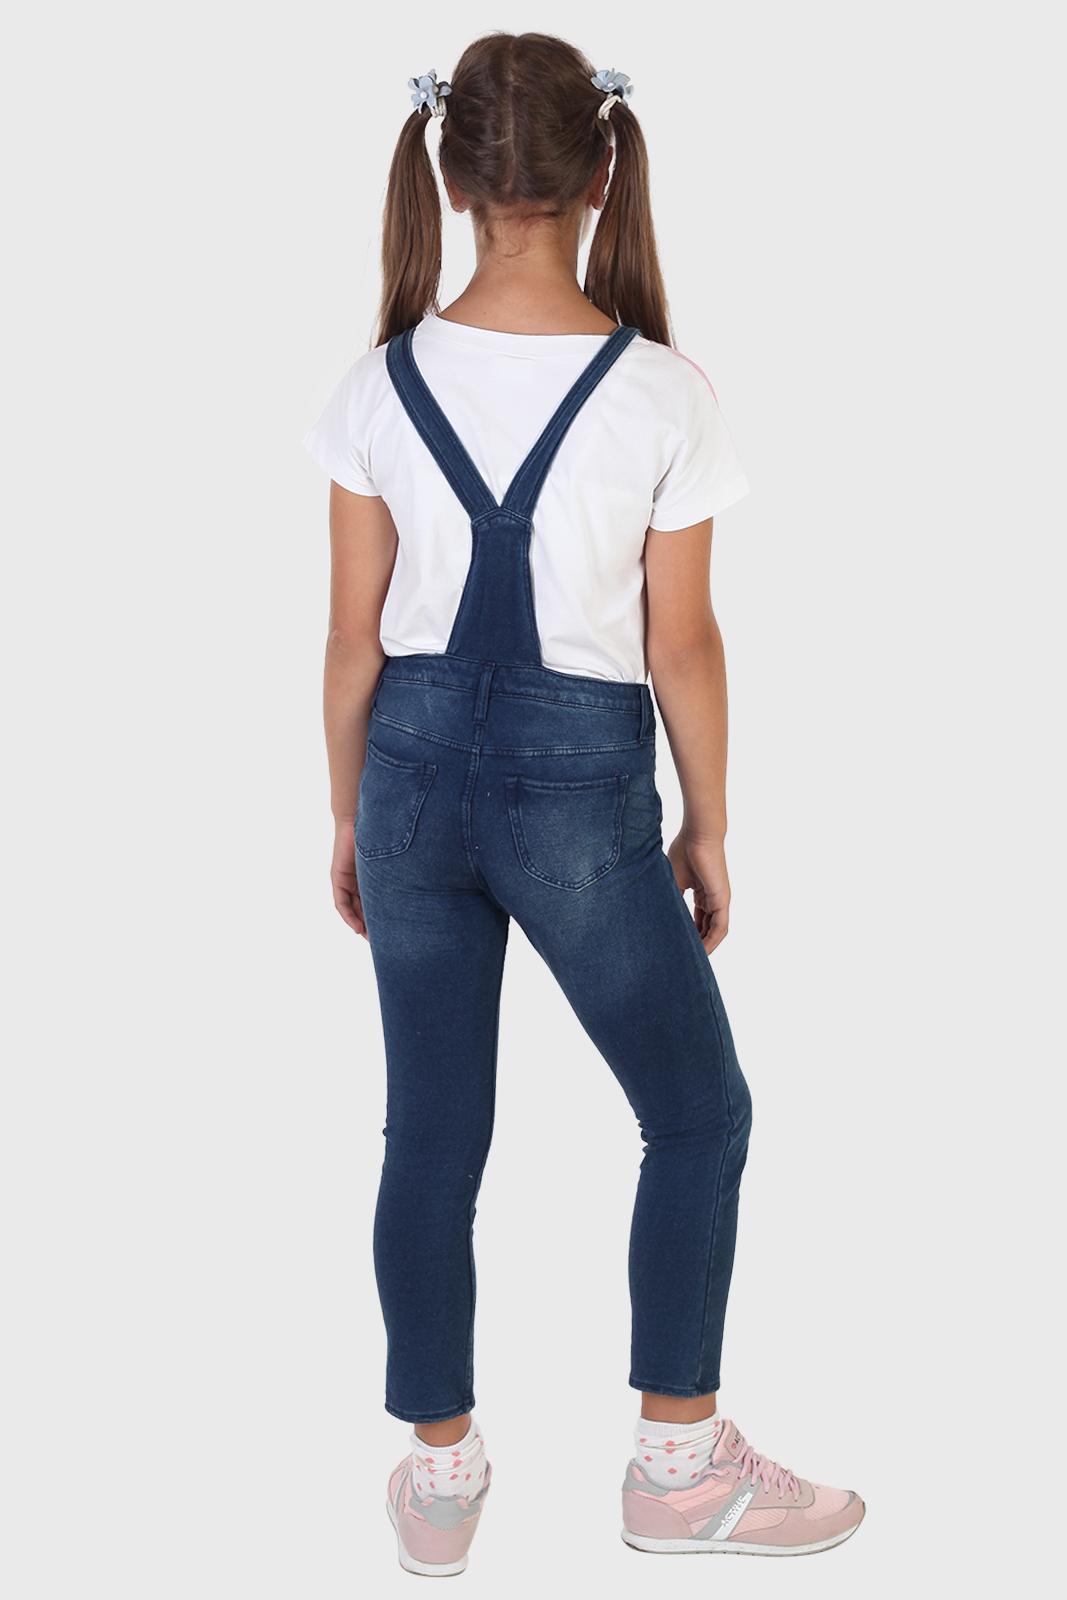 Заказать в интернет магазине детский джинсовый комбинезон с доставкой